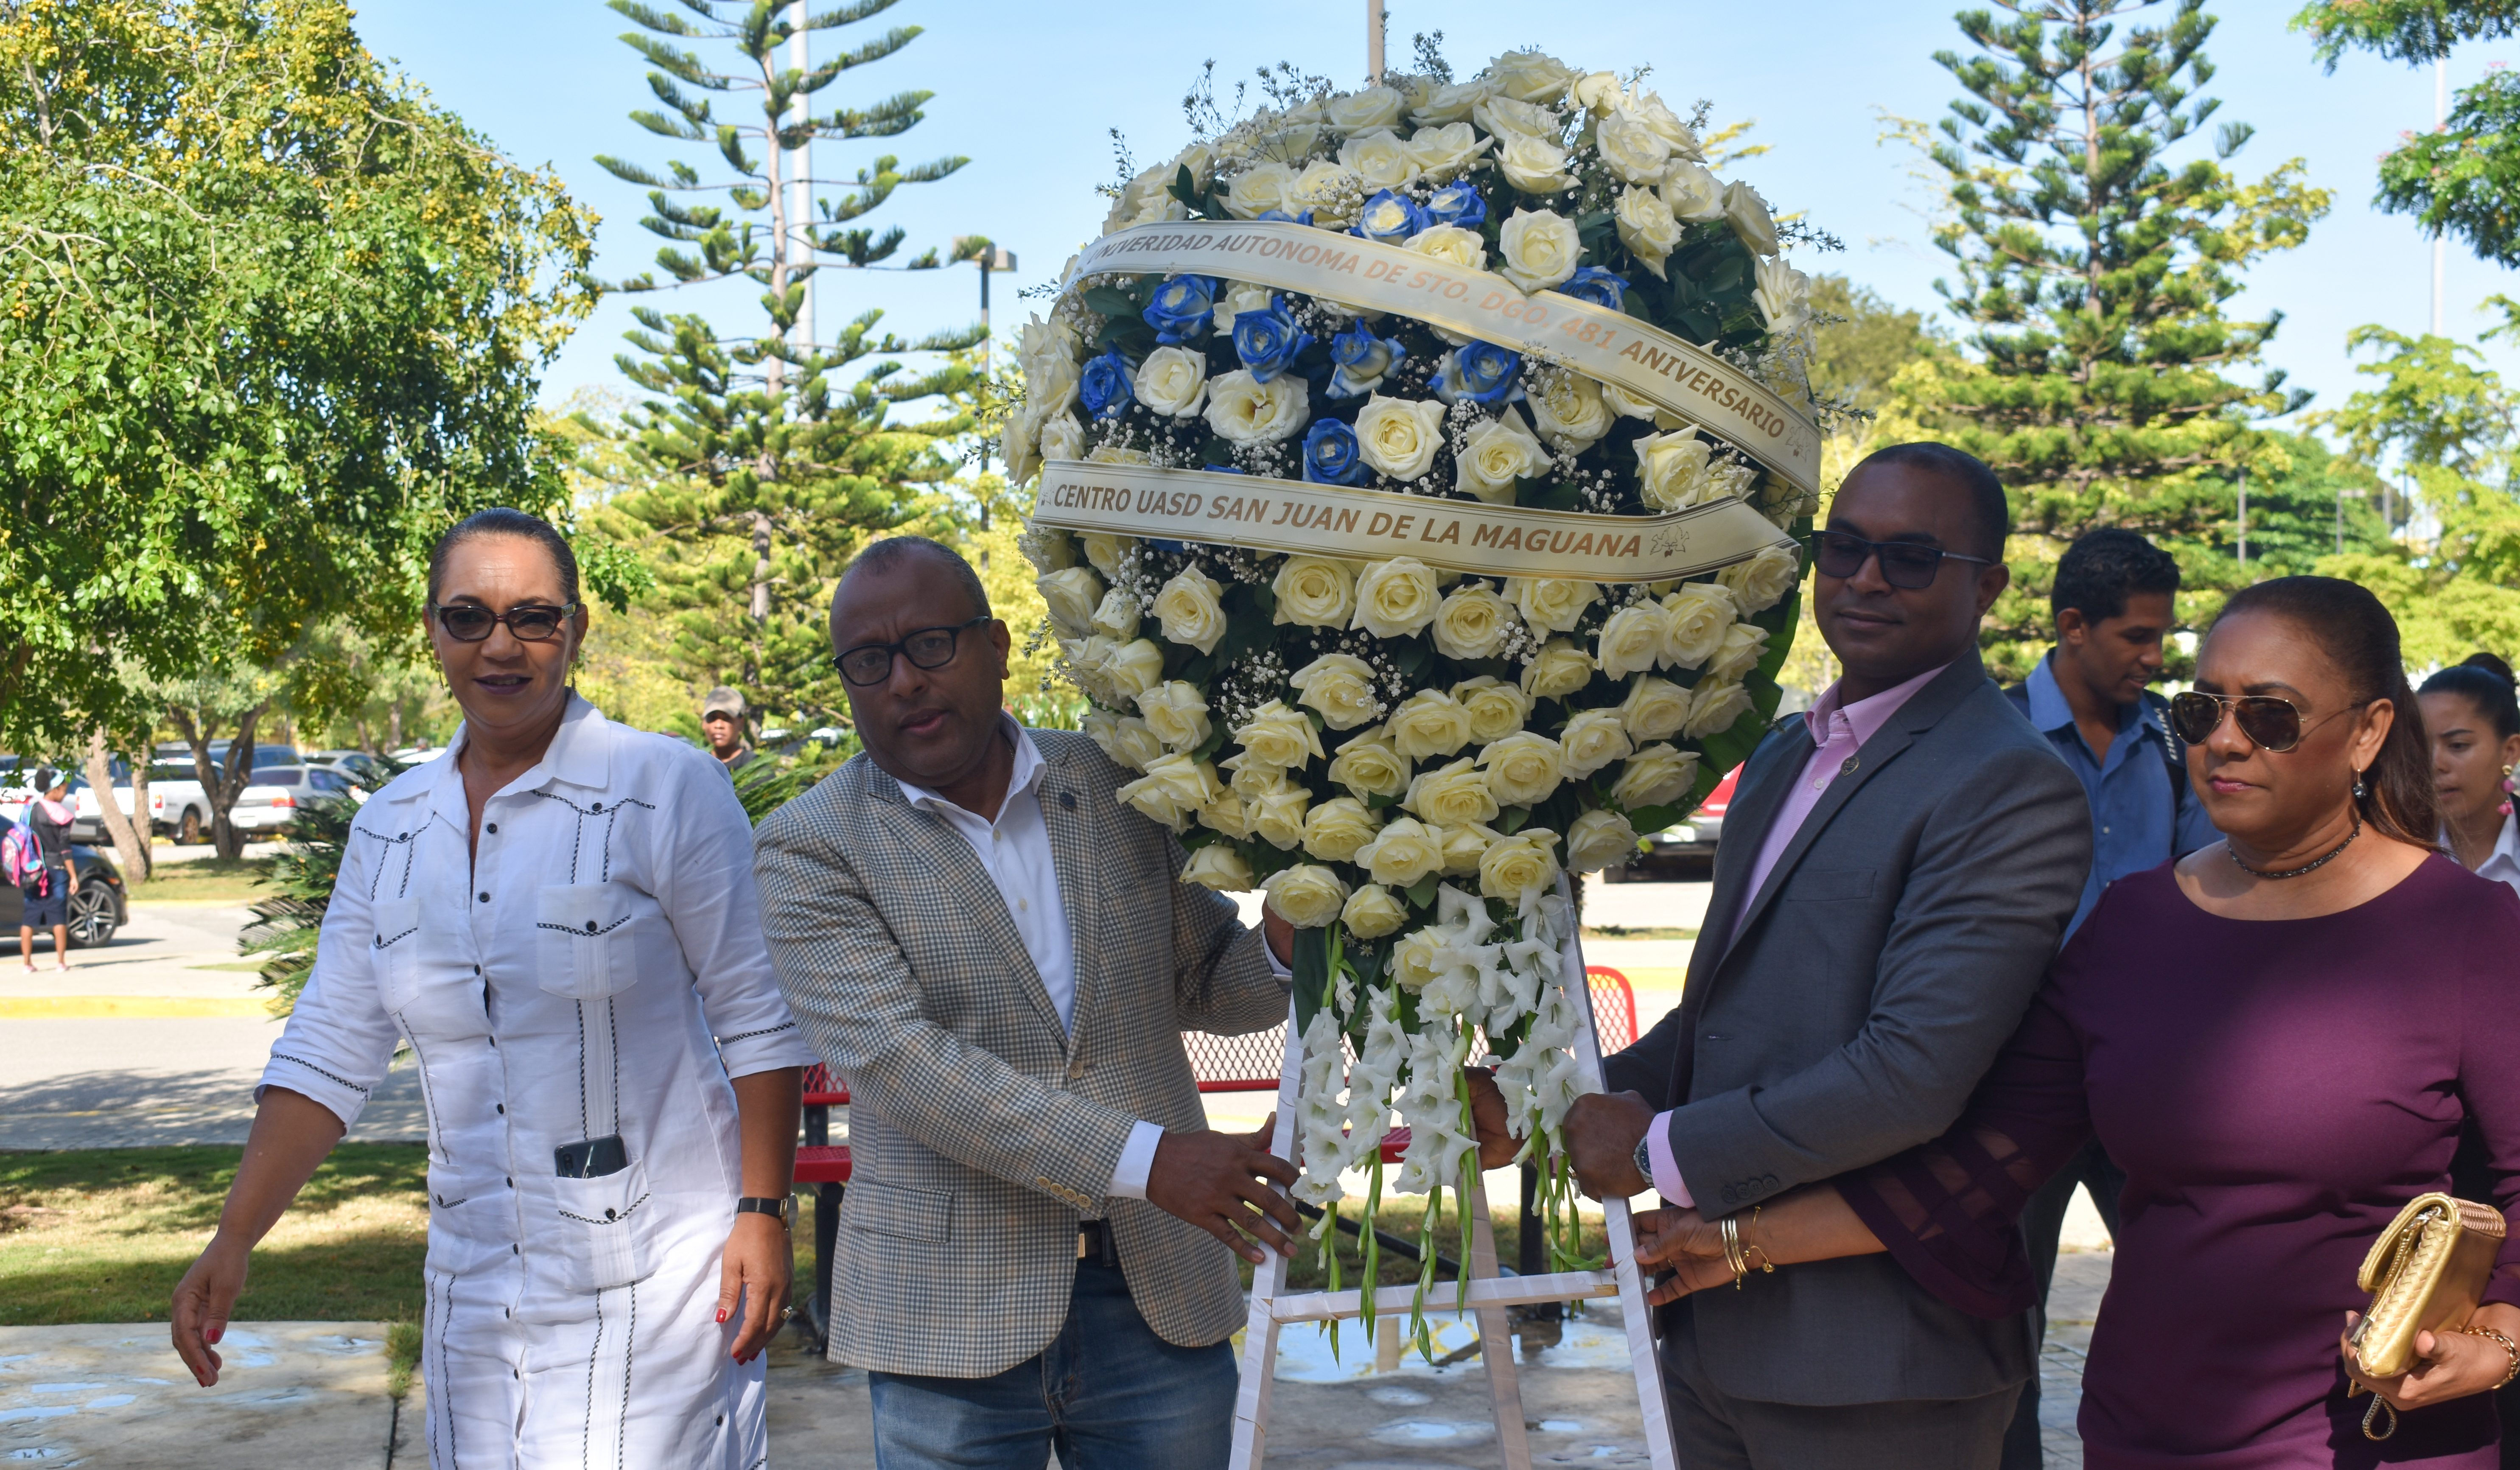 UASD Centro San Juan realiza Misa y Ofrenda Floral en conmemoración al 481 Aniversario de la Universidad Autónoma de Santo Domingo